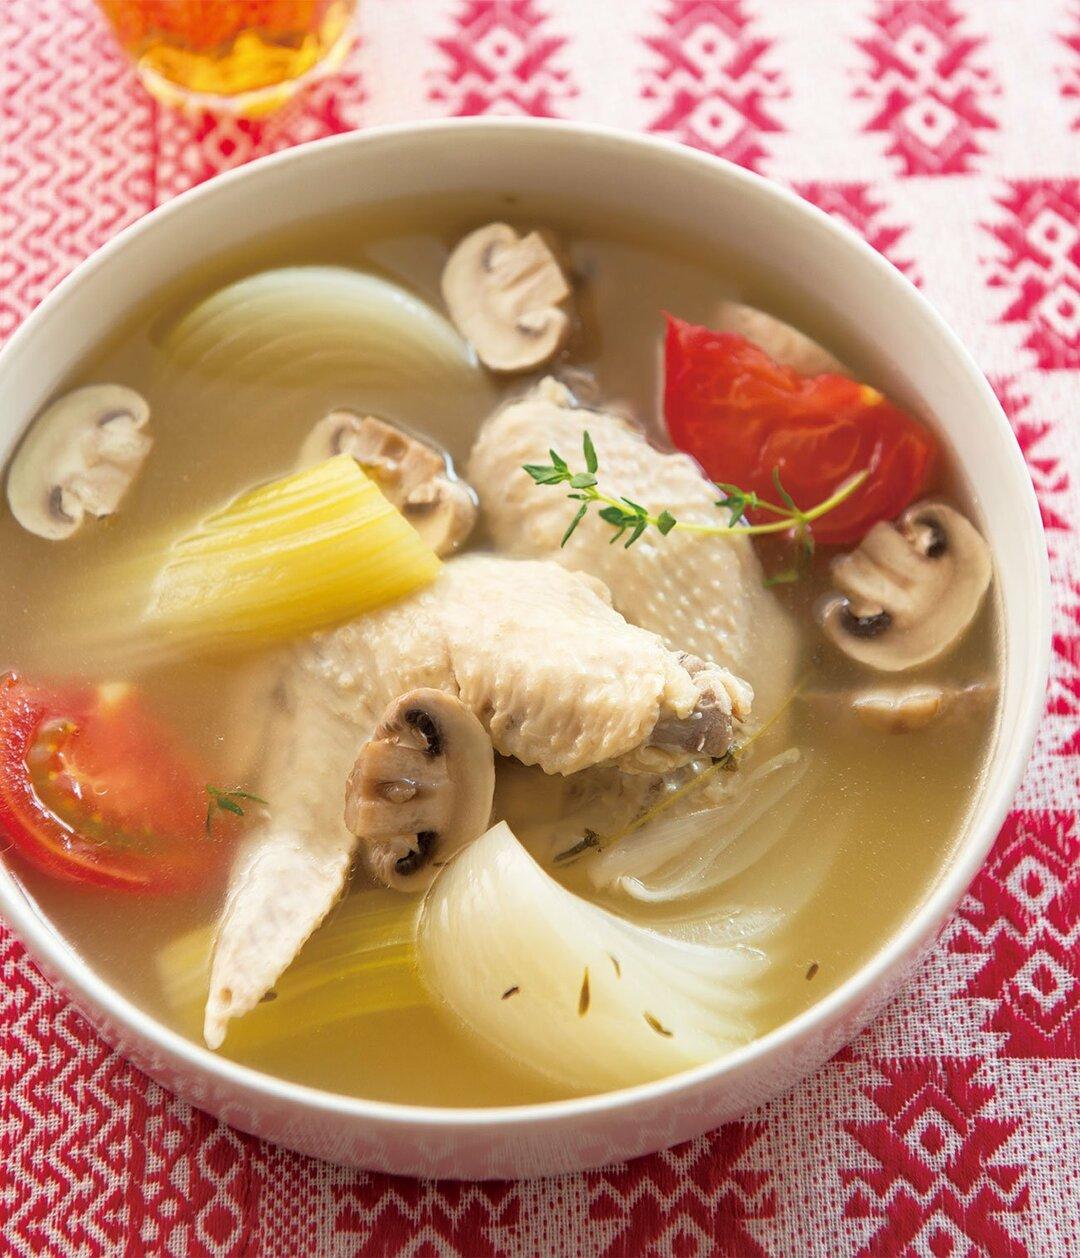 お肌の乾燥ストップ! しわ防止!<br />コラーゲンが染み入る<br />手羽先とトマトの長寿スープとは?